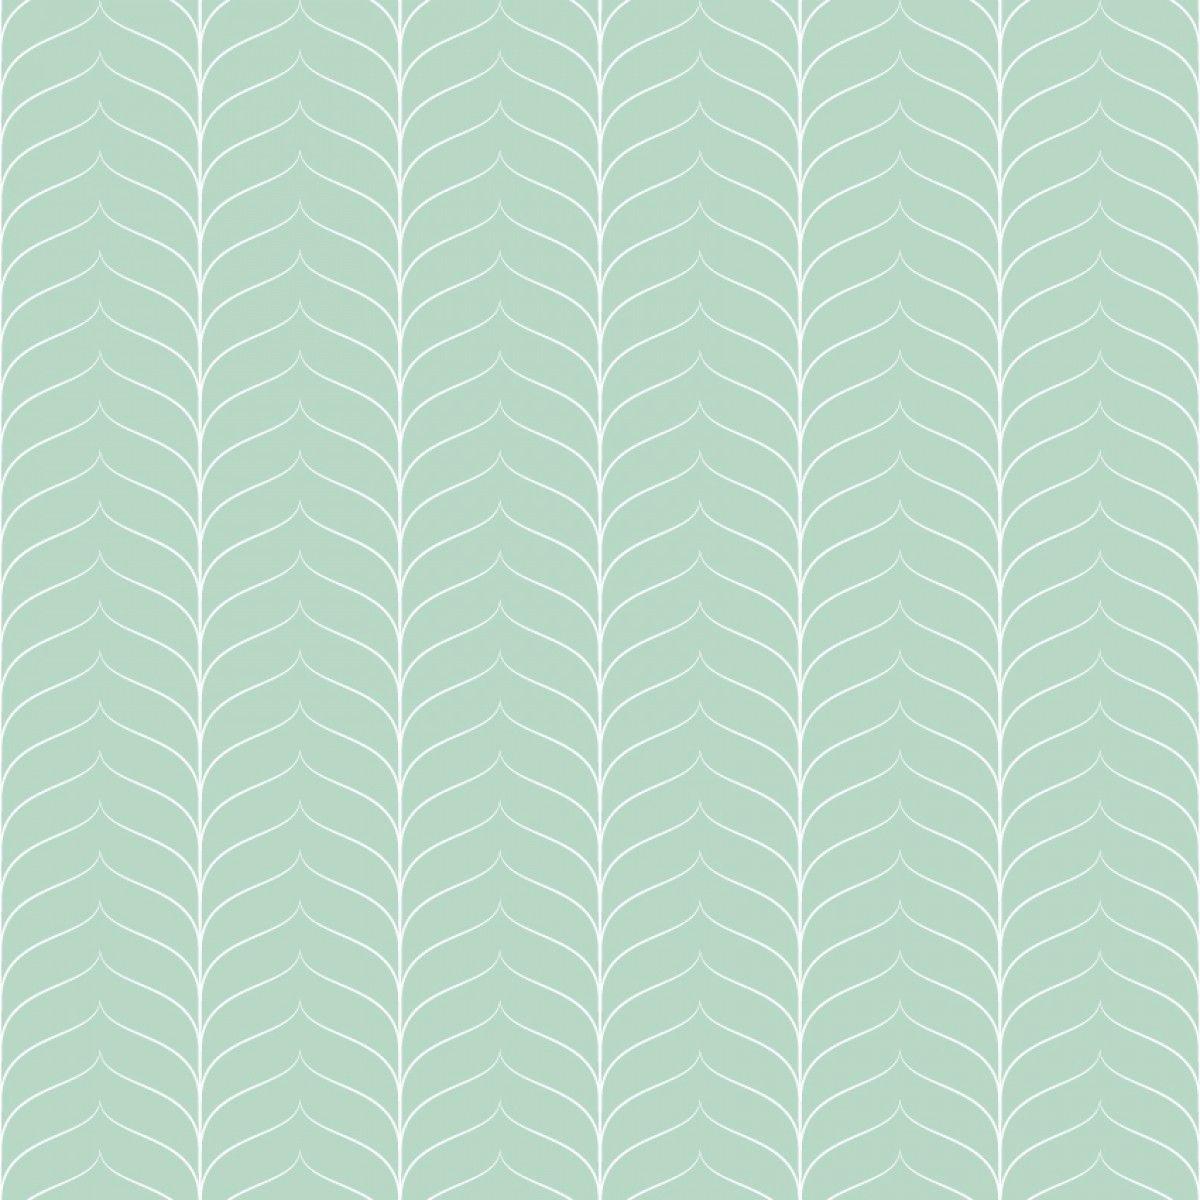 Papel_de_parede_autocolante_abstrato_geometrico_ff130 Jpg 1200  ~ Papel De Parede Para Quarto Textura